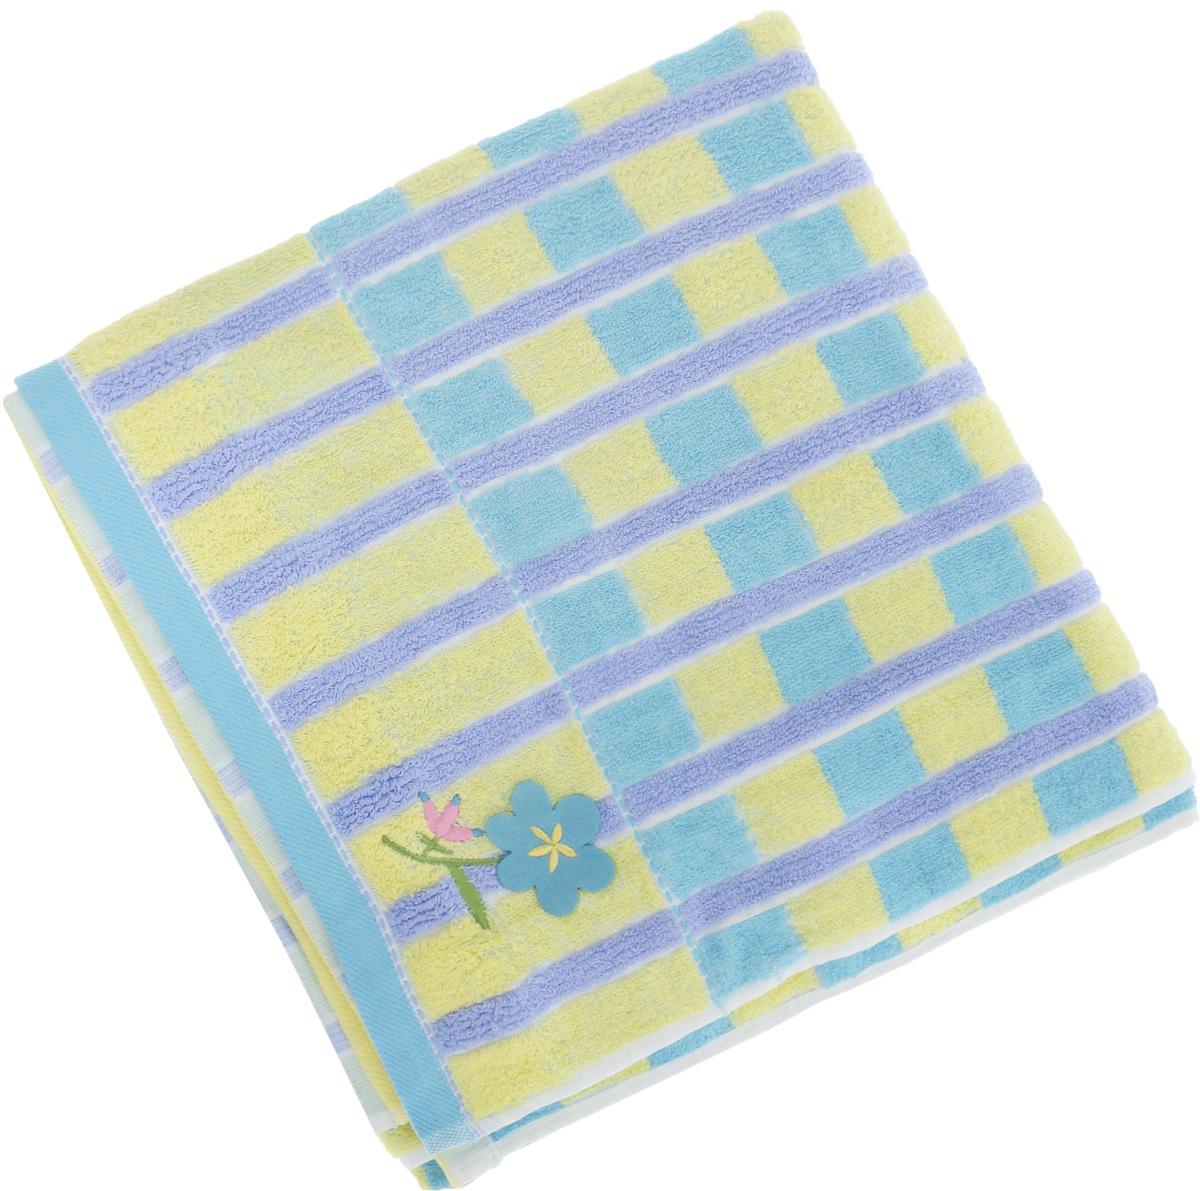 Полотенце Soavita Premium. Linda, цвет: голубой, желтый, фиолетовый, 70 х 140 см62935Полотенце Soavita Premium. Linda выполнено из 100% хлопка. Изделие отлично впитывает влагу, быстро сохнет, сохраняет яркость цвета и не теряет форму даже после многократных стирок. Полотенце очень практично и неприхотливо в уходе. Оно создаст прекрасное настроение и украсит интерьер в ванной комнате.